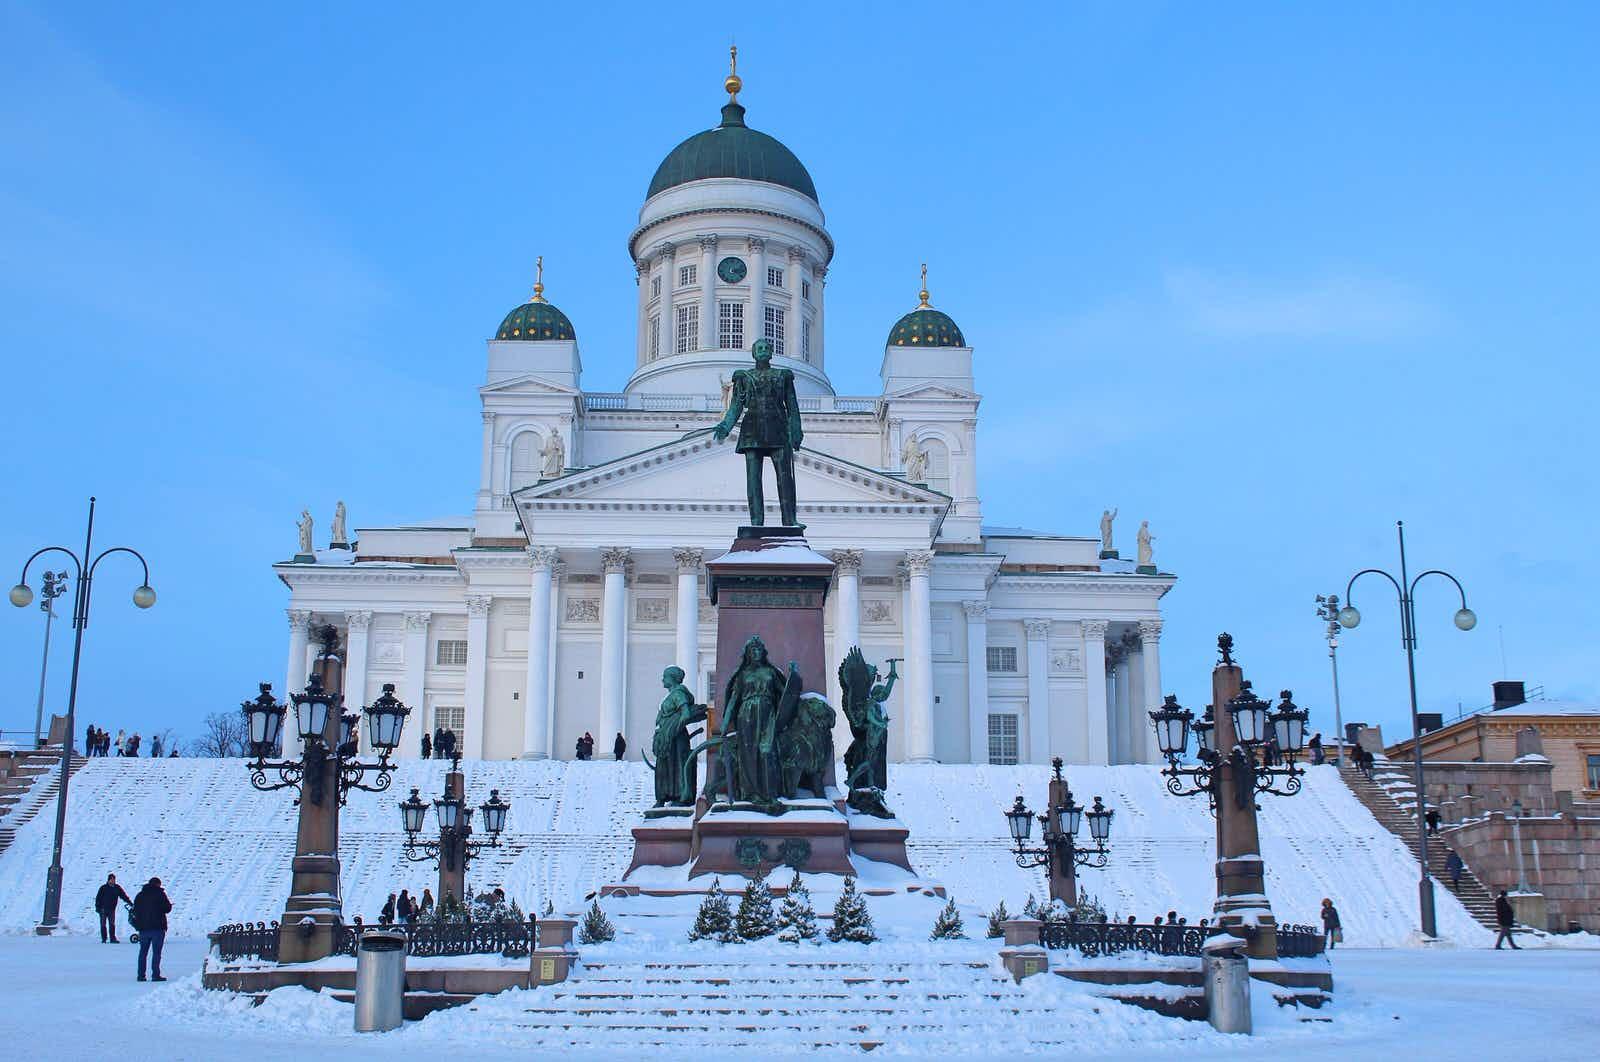 Capital gains: Helsinki on a budget